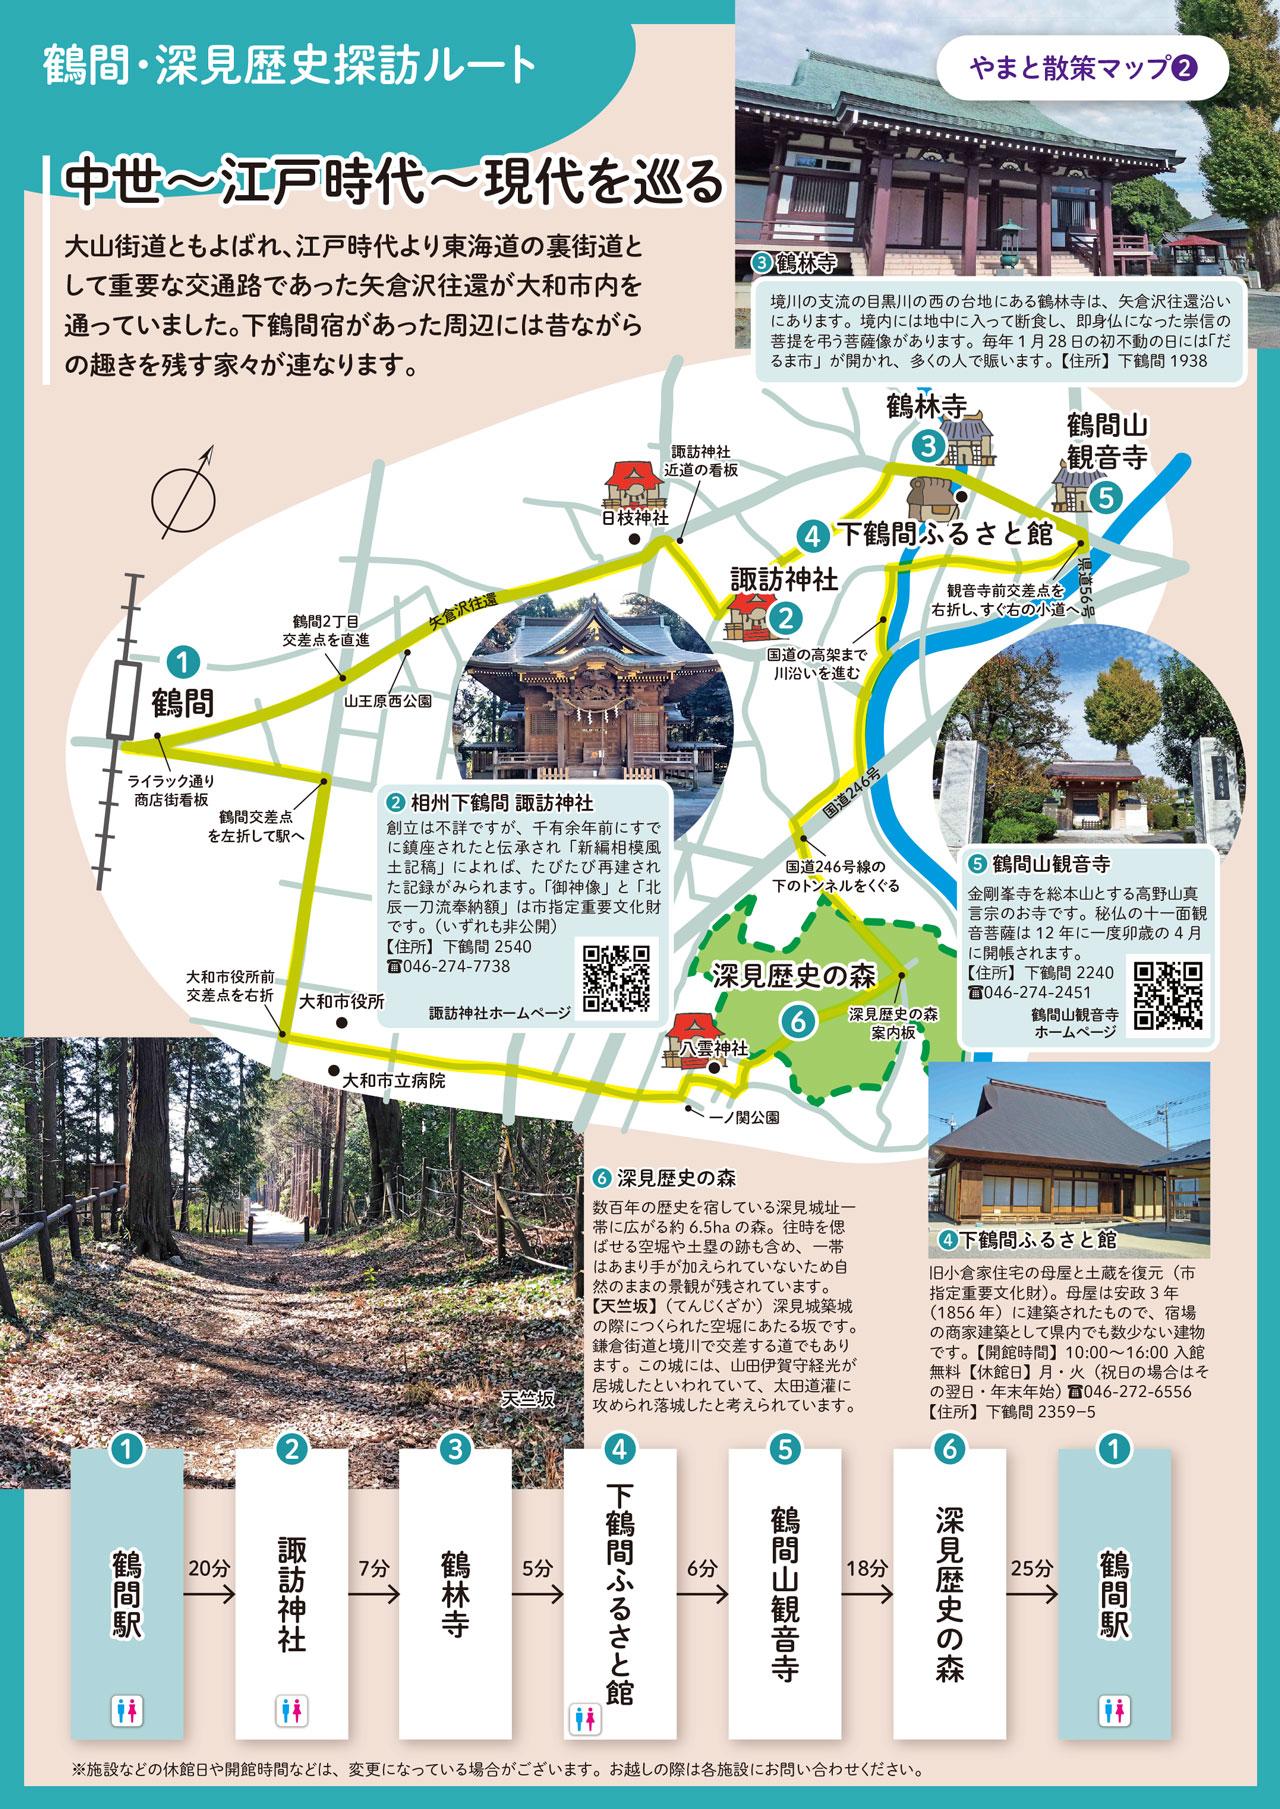 鶴間・深見歴史探訪ルート